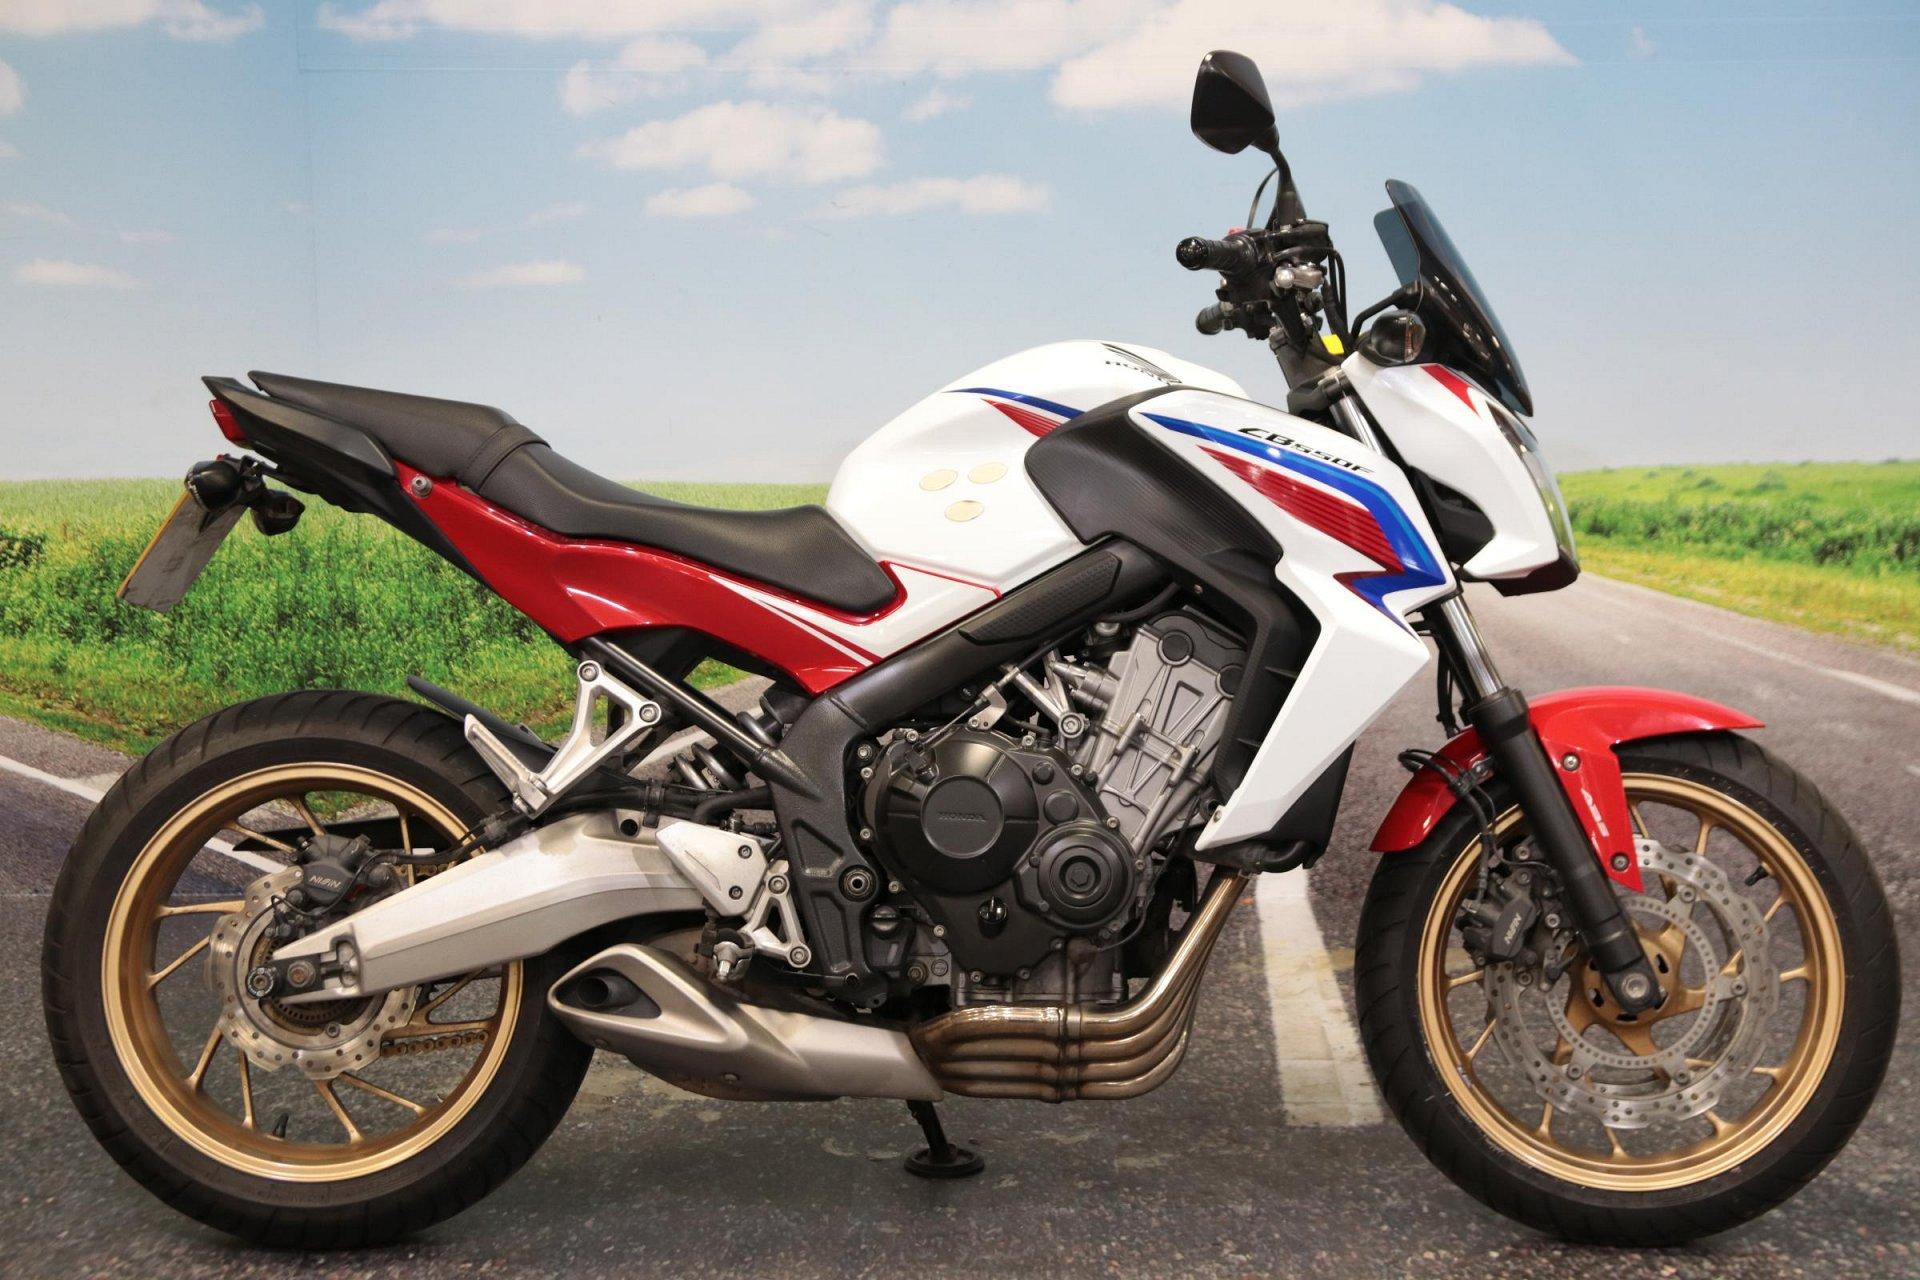 2015 Honda CB 650 FA-E for sale in South Wales